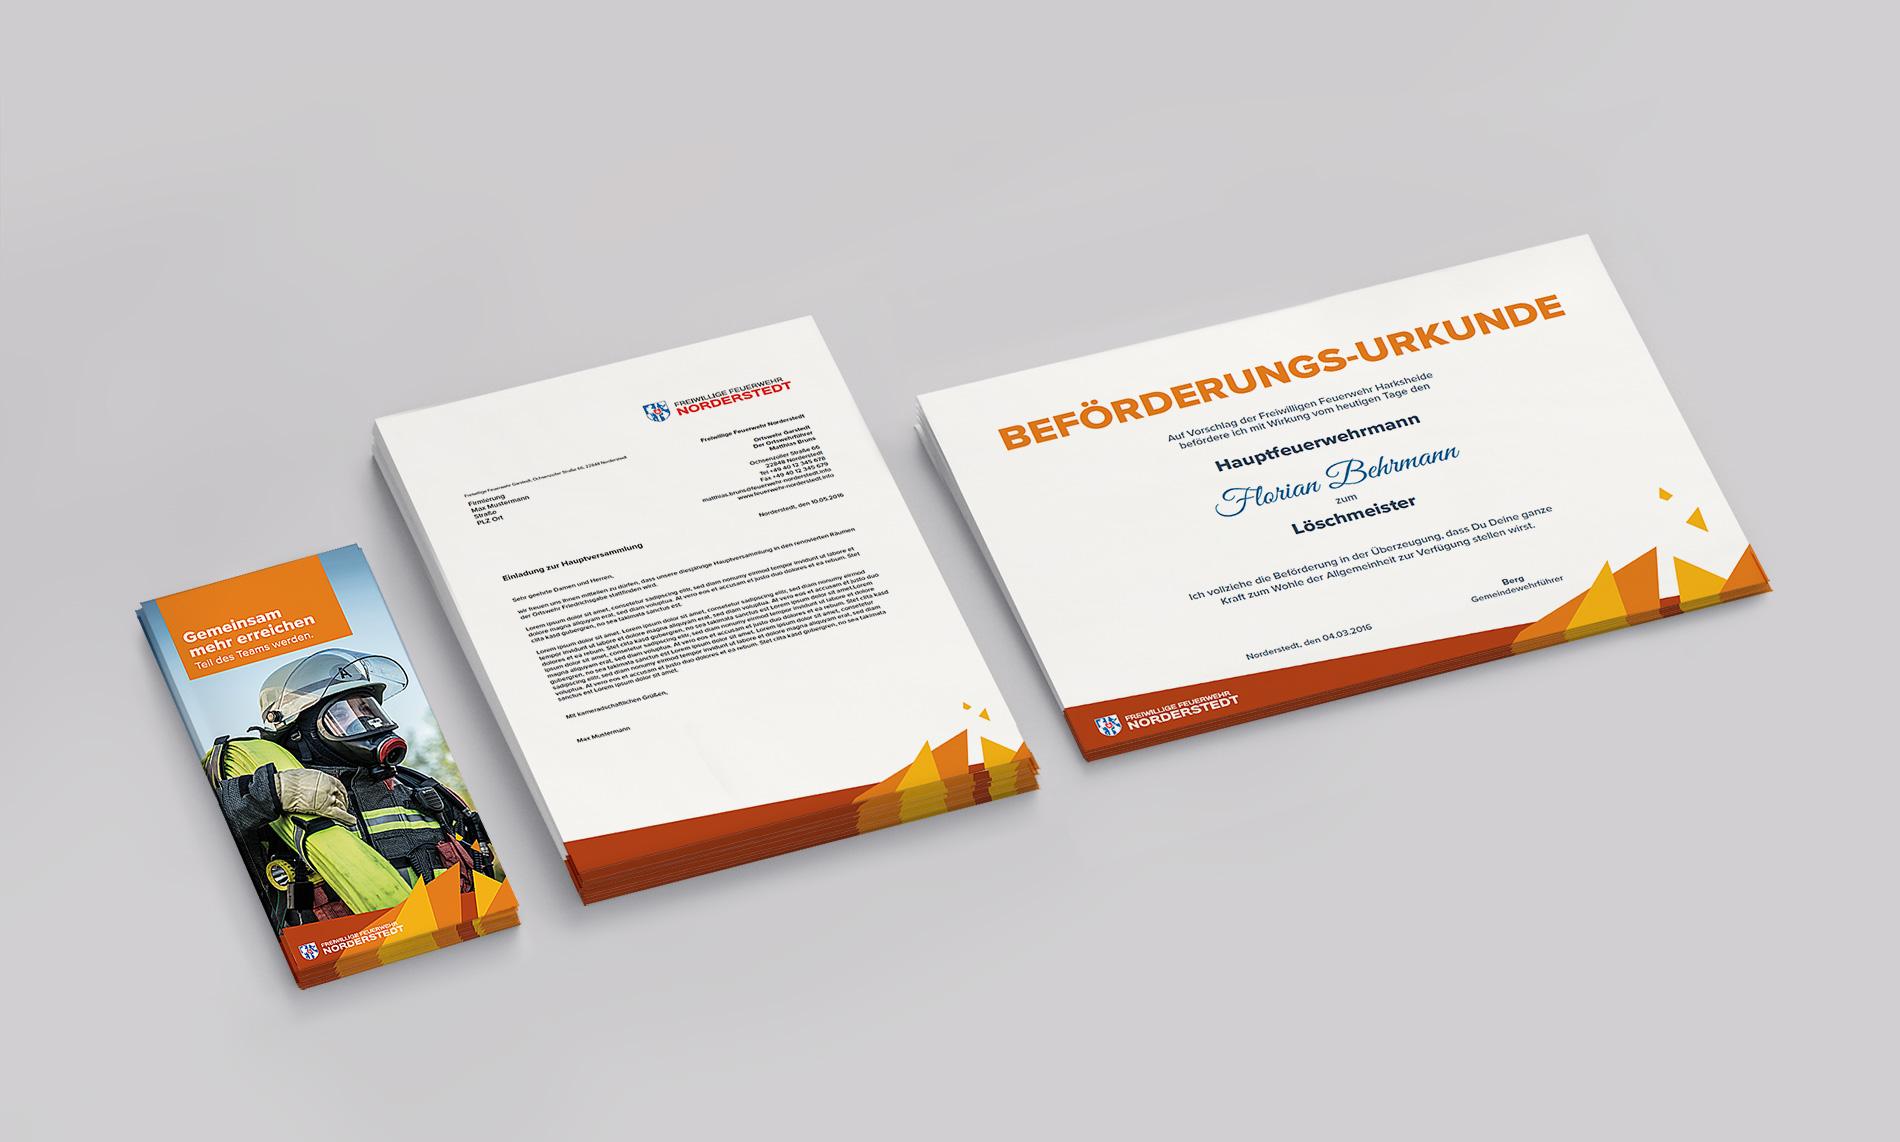 Kuki Design Corporate Design Feuerwehr Norderstedt Gestaltung Geschäftspapier, Flyer, Logogestaltung, Farbgebung, Mockup